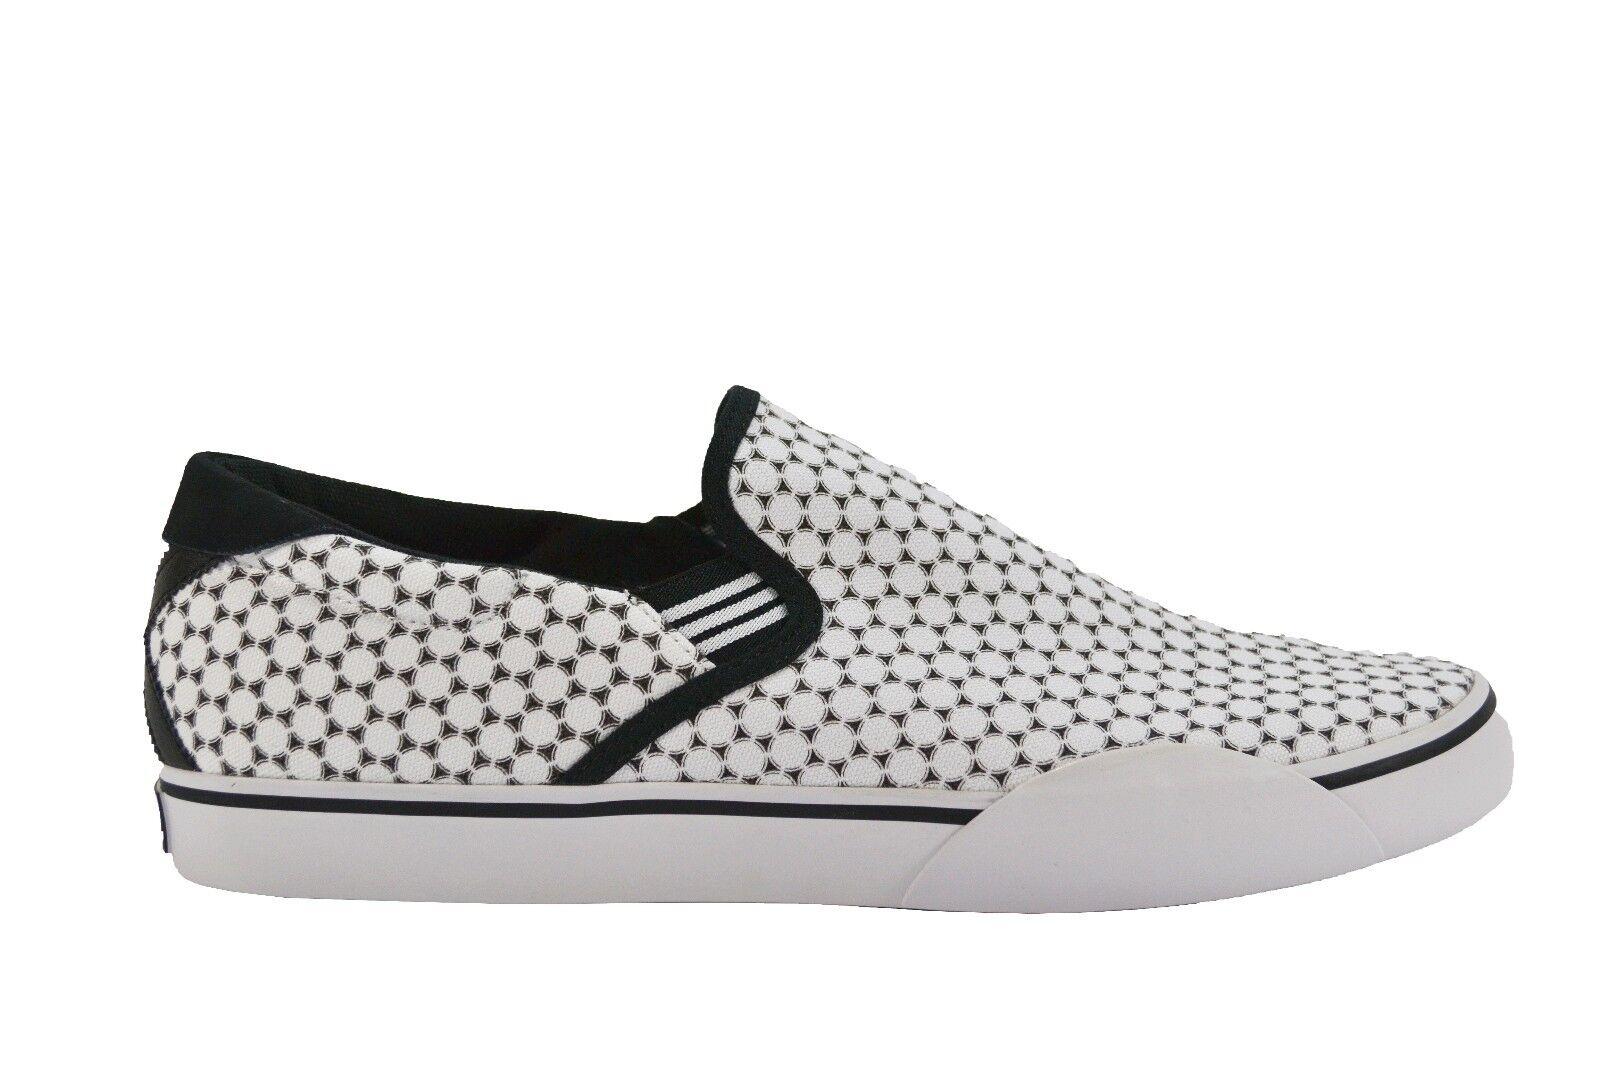 Adidas gonz slip bianco nero della coppa del mondo di raccolta pattinare g98211 (254), scarpe da uomo | Di Alta Qualità  | Uomo/Donne Scarpa